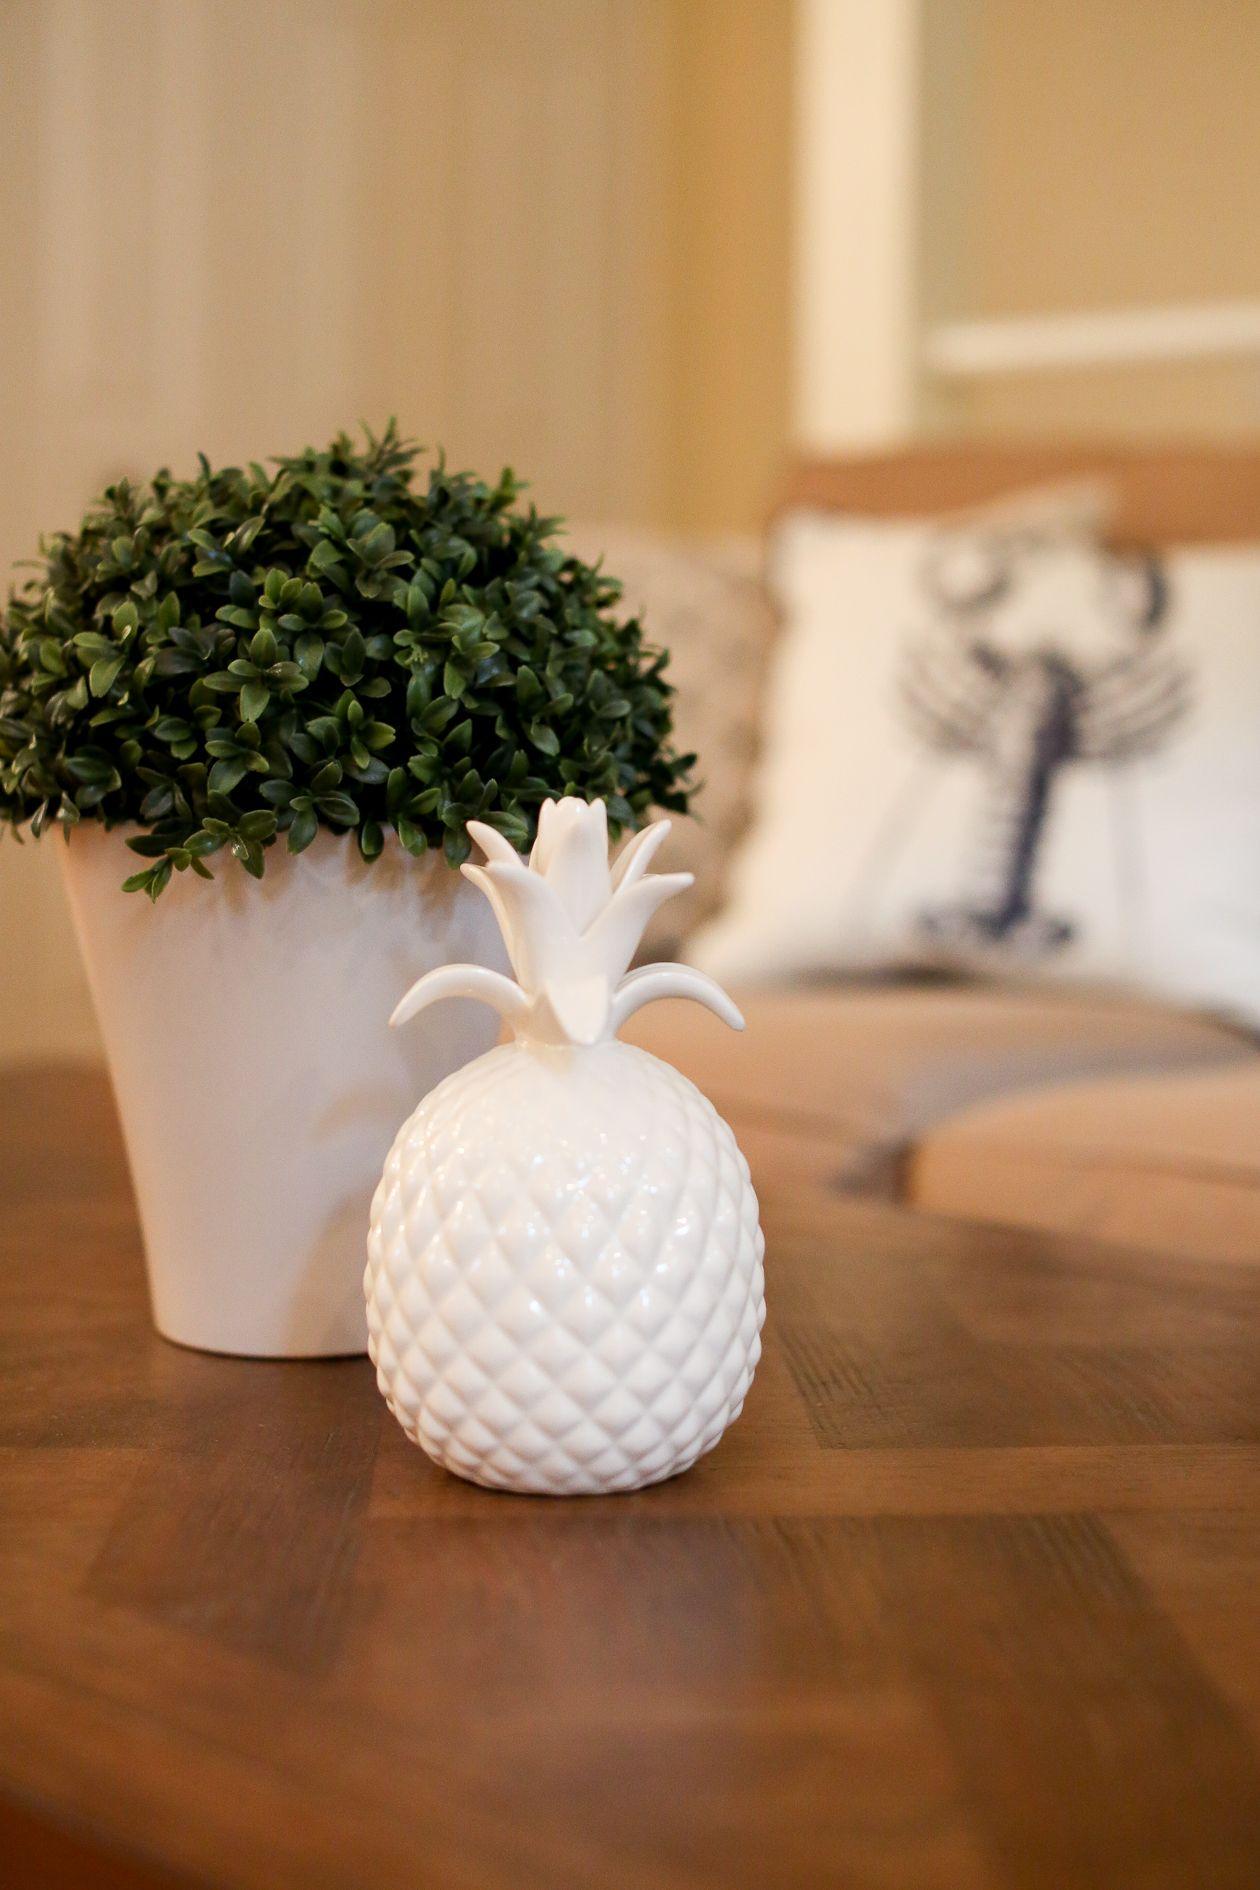 Ceramic Pineapple Decor